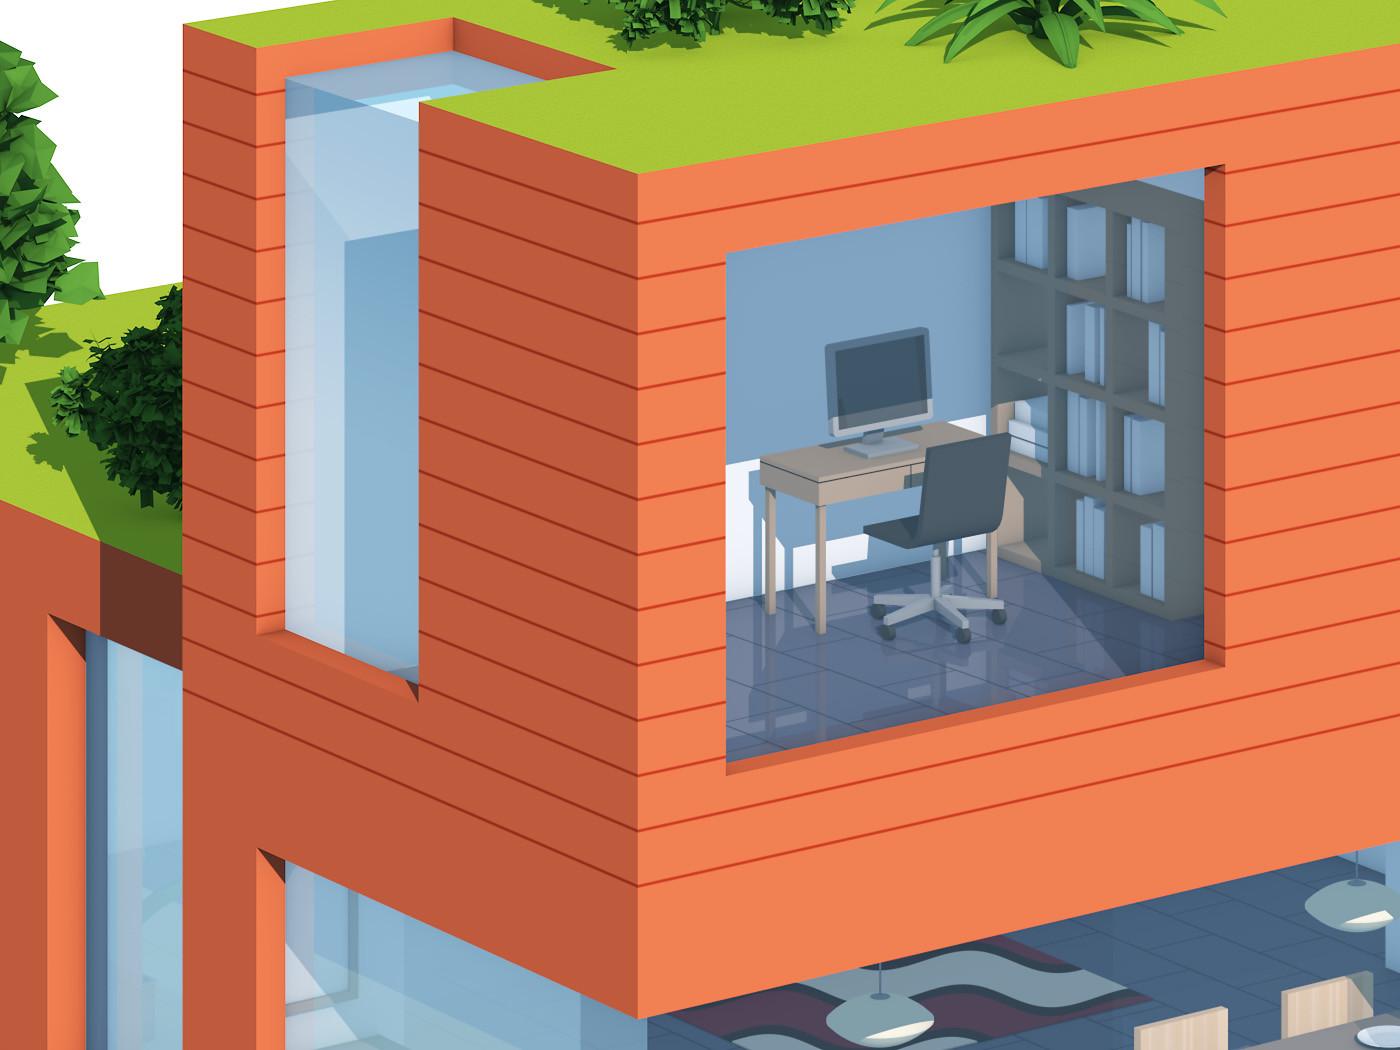 smarthome_energieeffizienz-illustration.